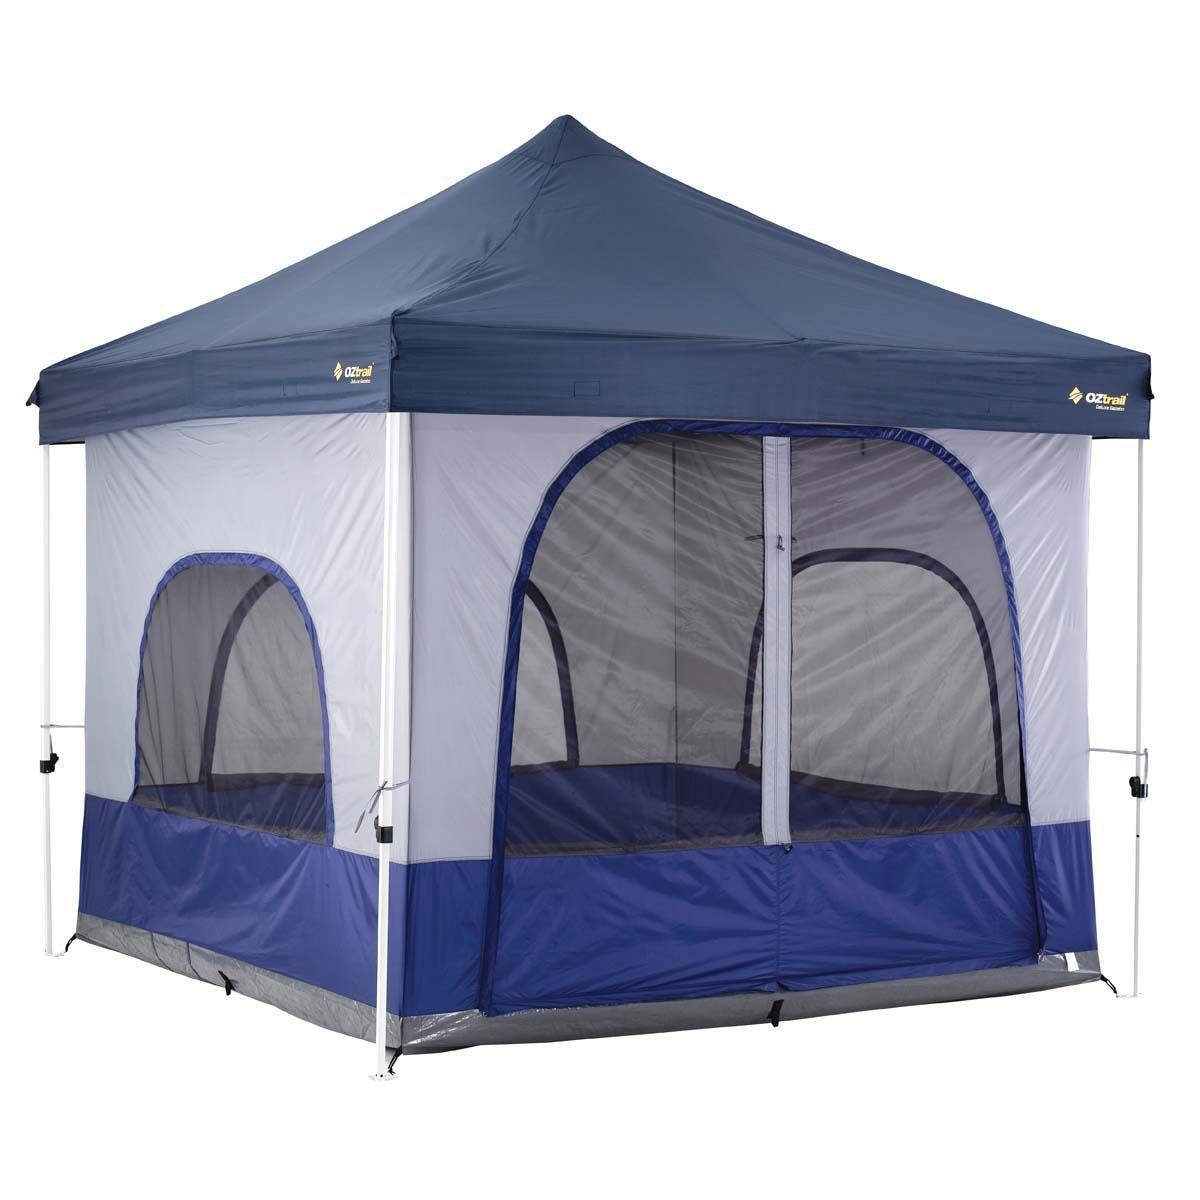 OZtrail Gazebo Inner Tent Kit - 10u0027 x 10u0027 - BCF Australia  sc 1 st  Pinterest & OZtrail Gazebo Inner Tent Kit - 10u0027 x 10u0027 - BCF Australia | Cool ...